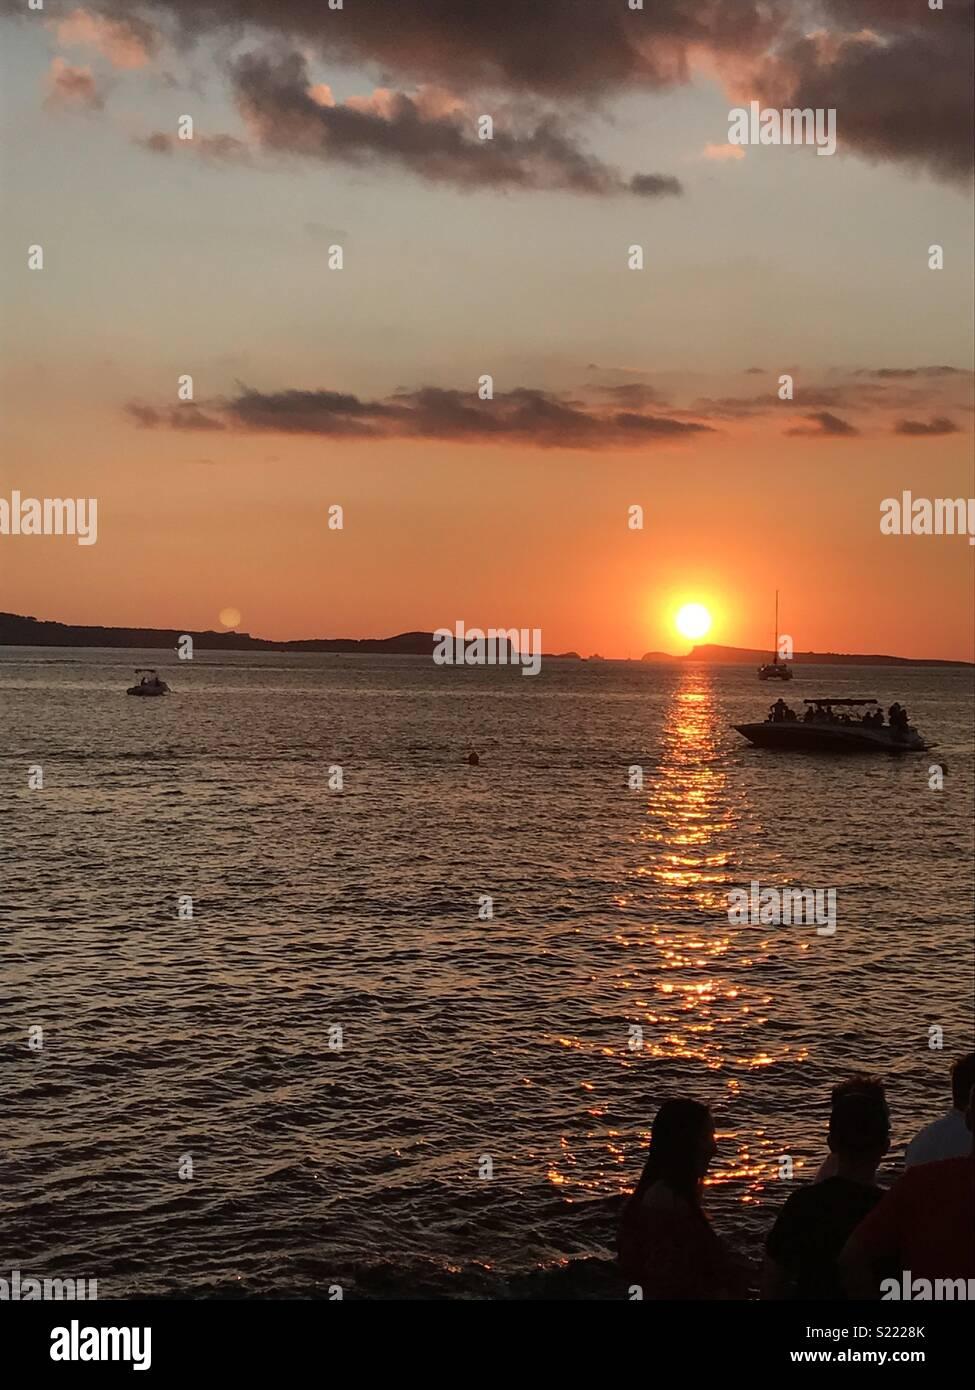 Cafe del mar ibiza sunset - Stock Image